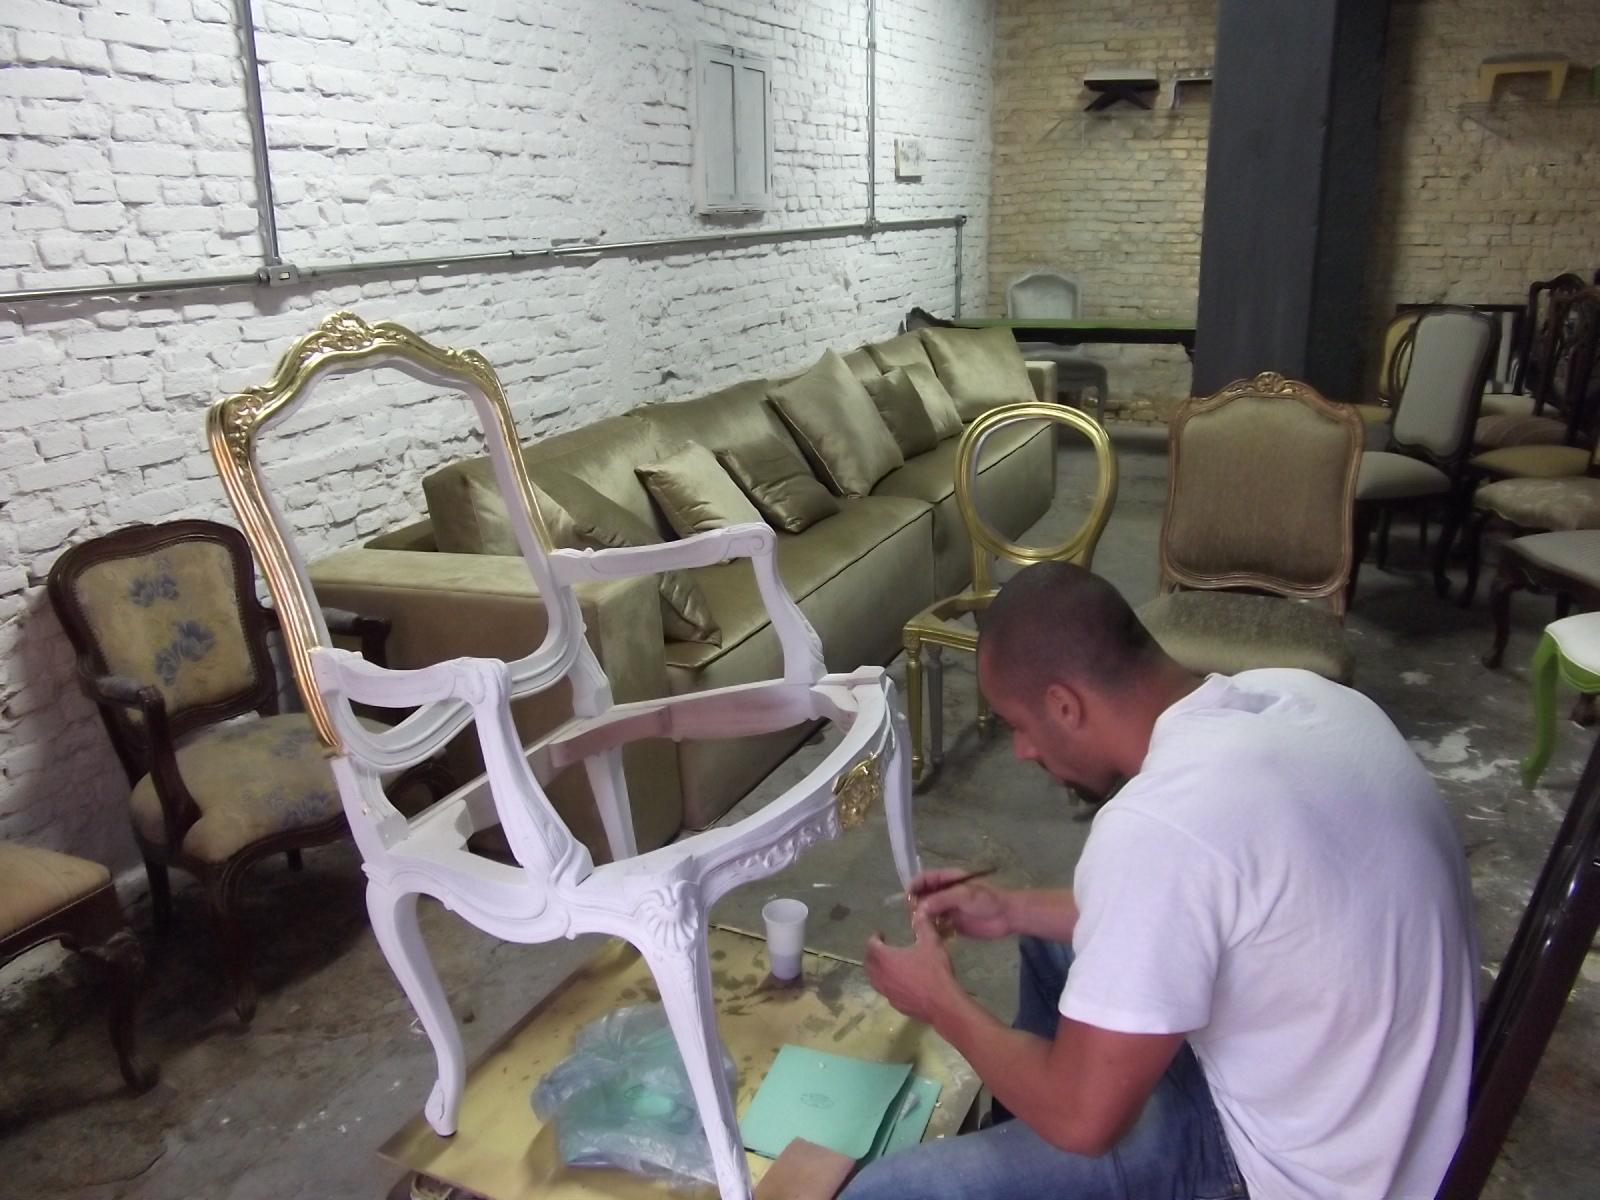 decoracao de interiores estilo colonial : decoracao de interiores estilo colonial:Blog Decoração de Interiores: Cadeiras Estilo Antigo